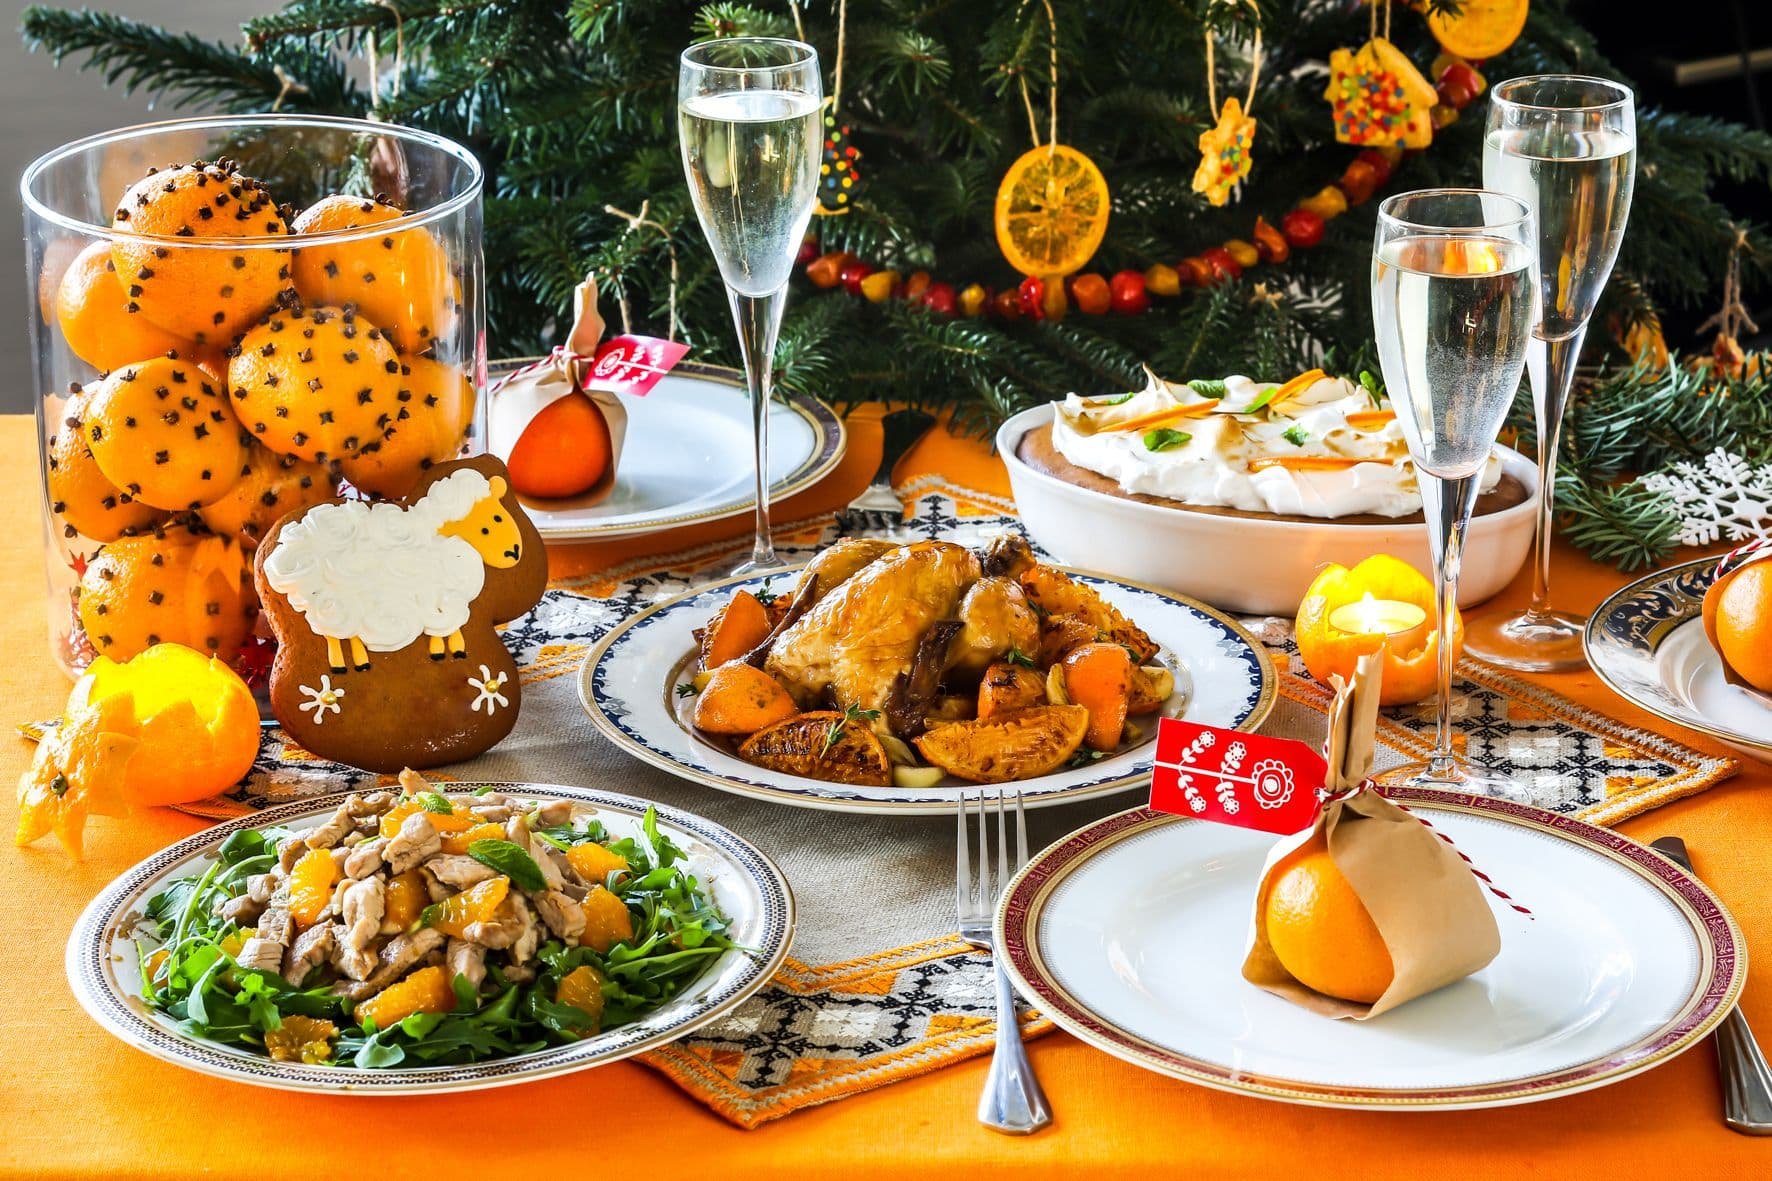 Картинки новогоднего стола